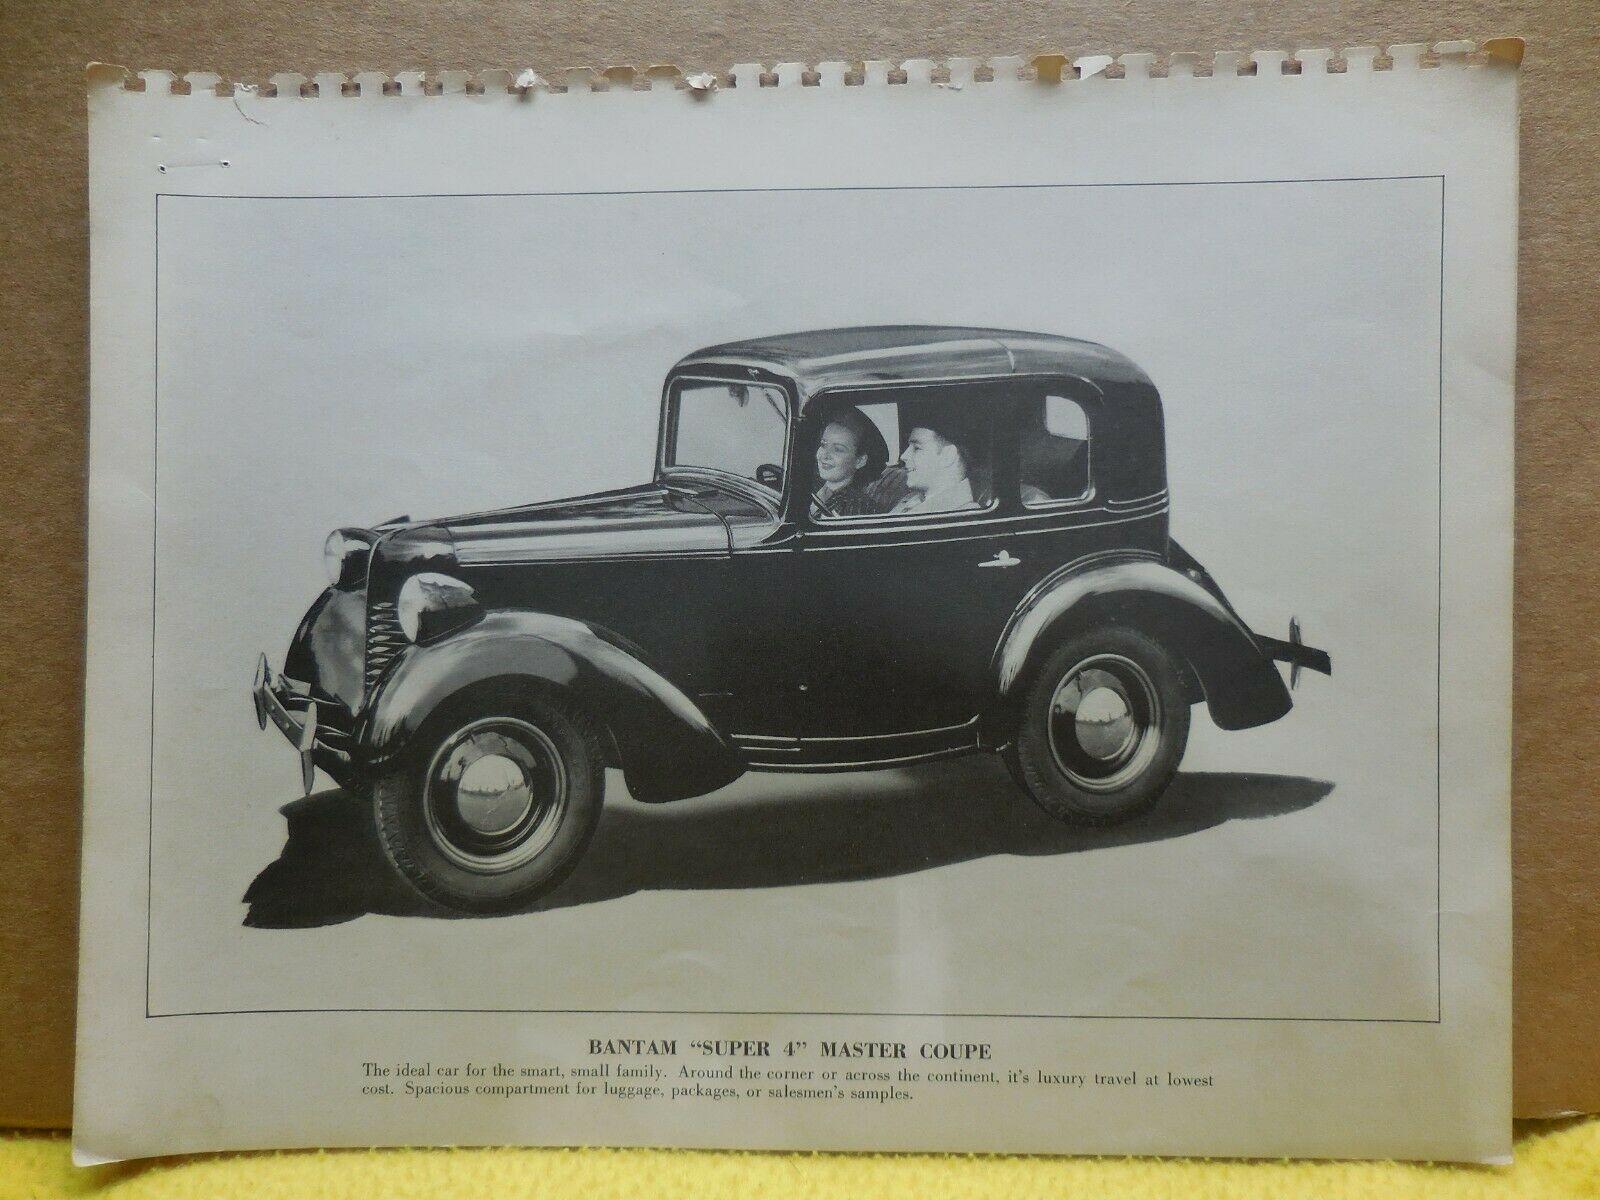 1940 Bantam Master Coupe Factory Photo